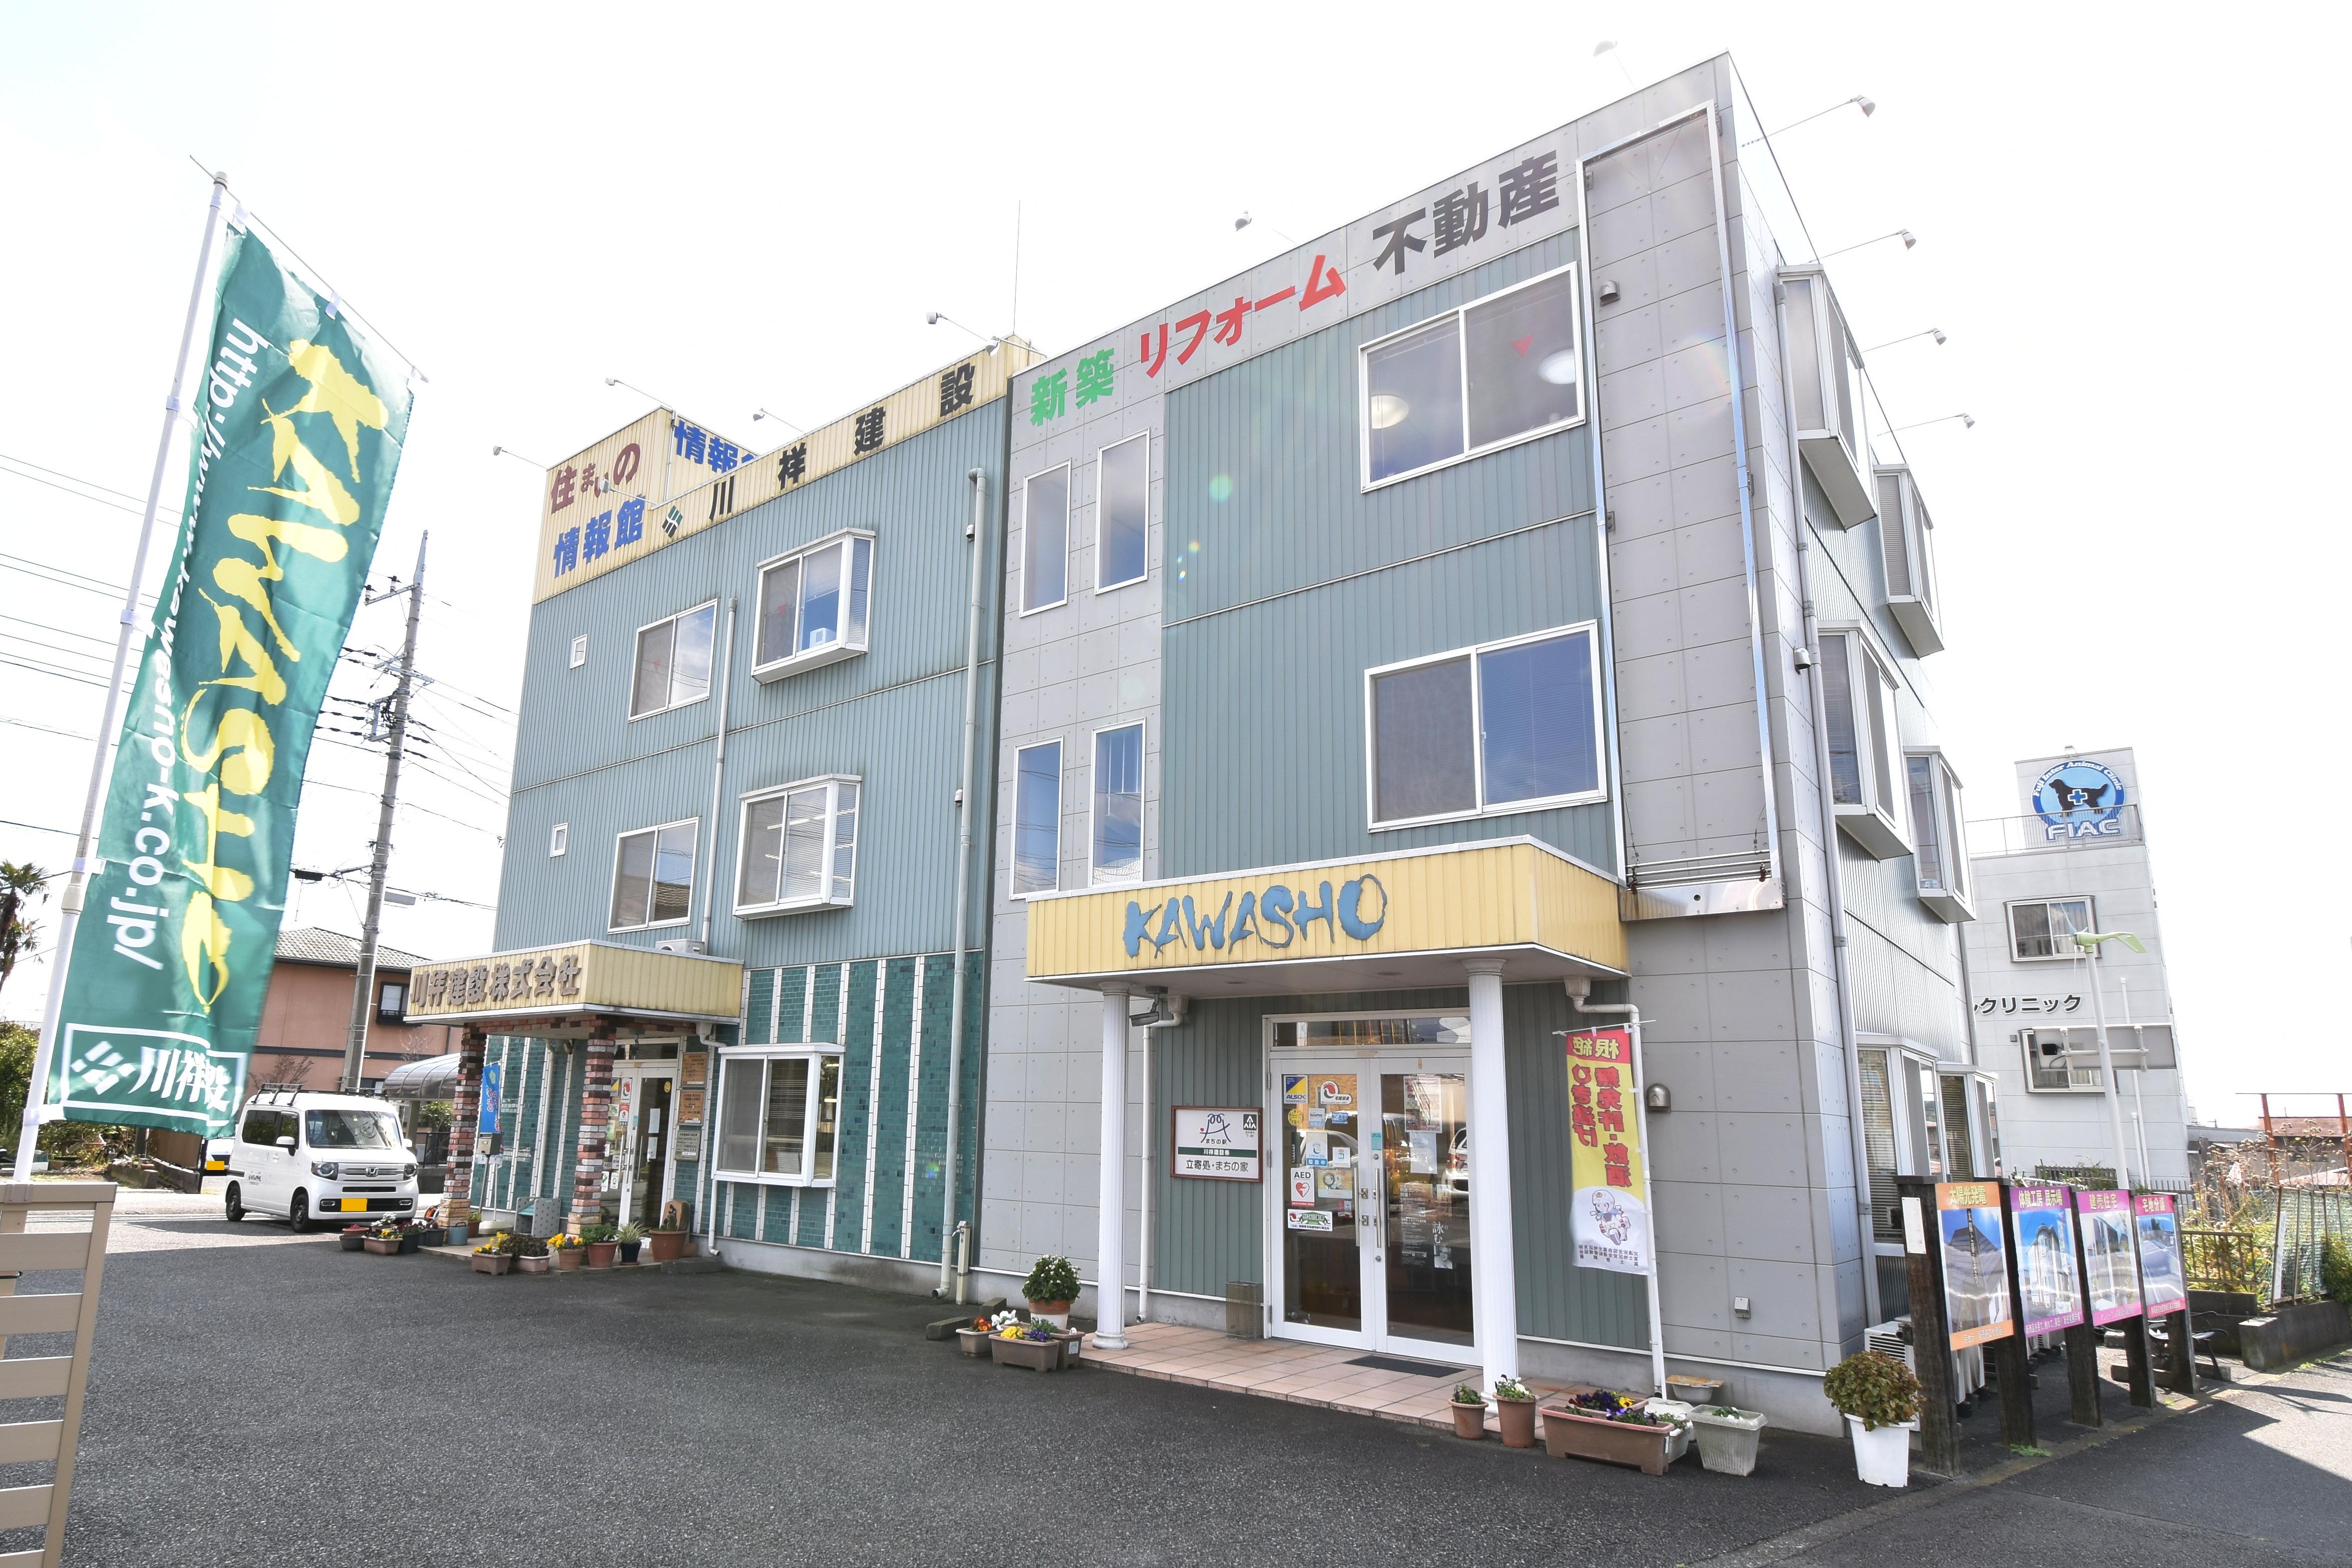 【KAWASHO】富士支店 不動産フェア開催♪